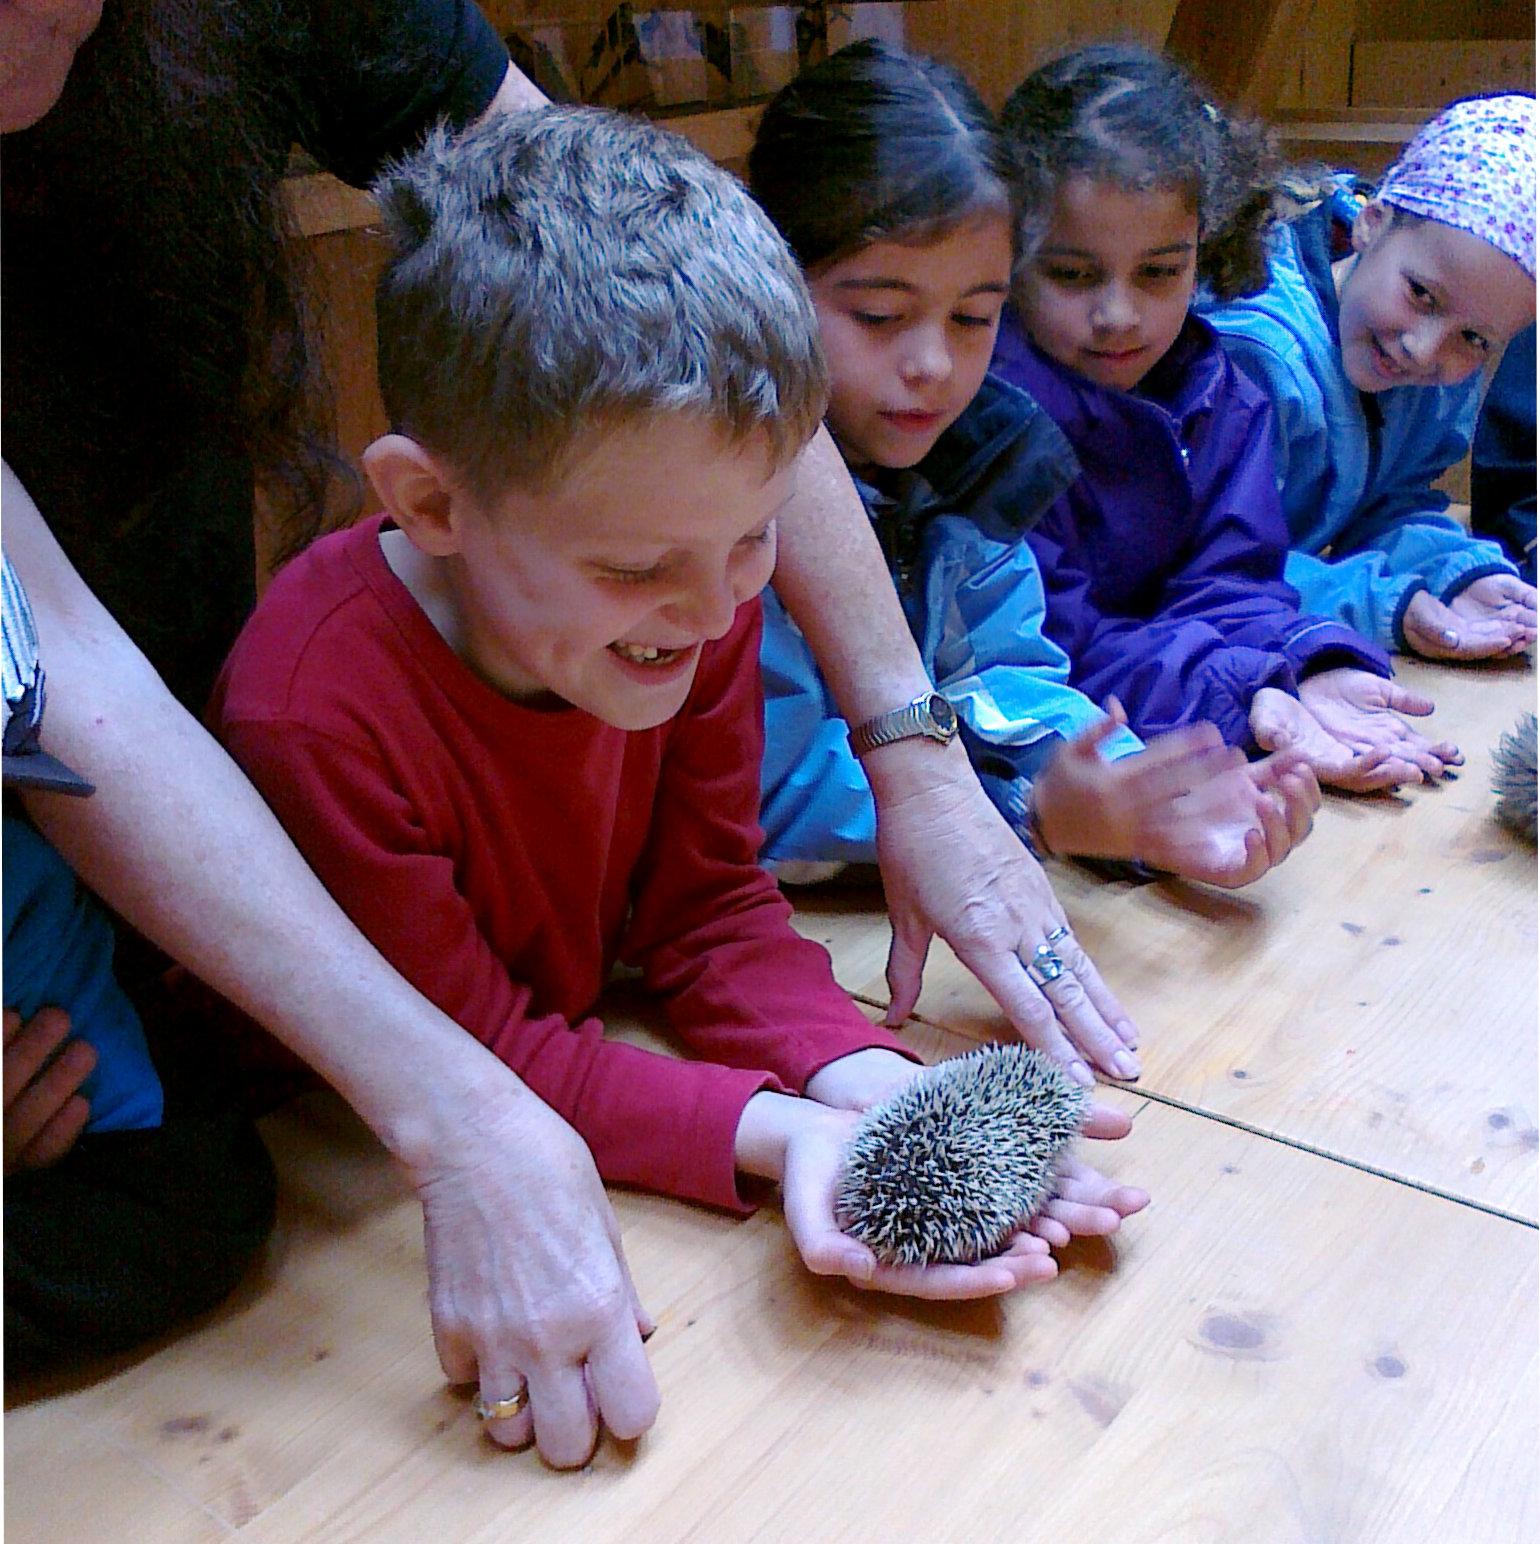 Die Schüler und Schülerinnen erfahren bei den Walderlebnistagen mit der PH Thurgau echte Erfahrungen, wie hier in dem Bild mit einem Igel